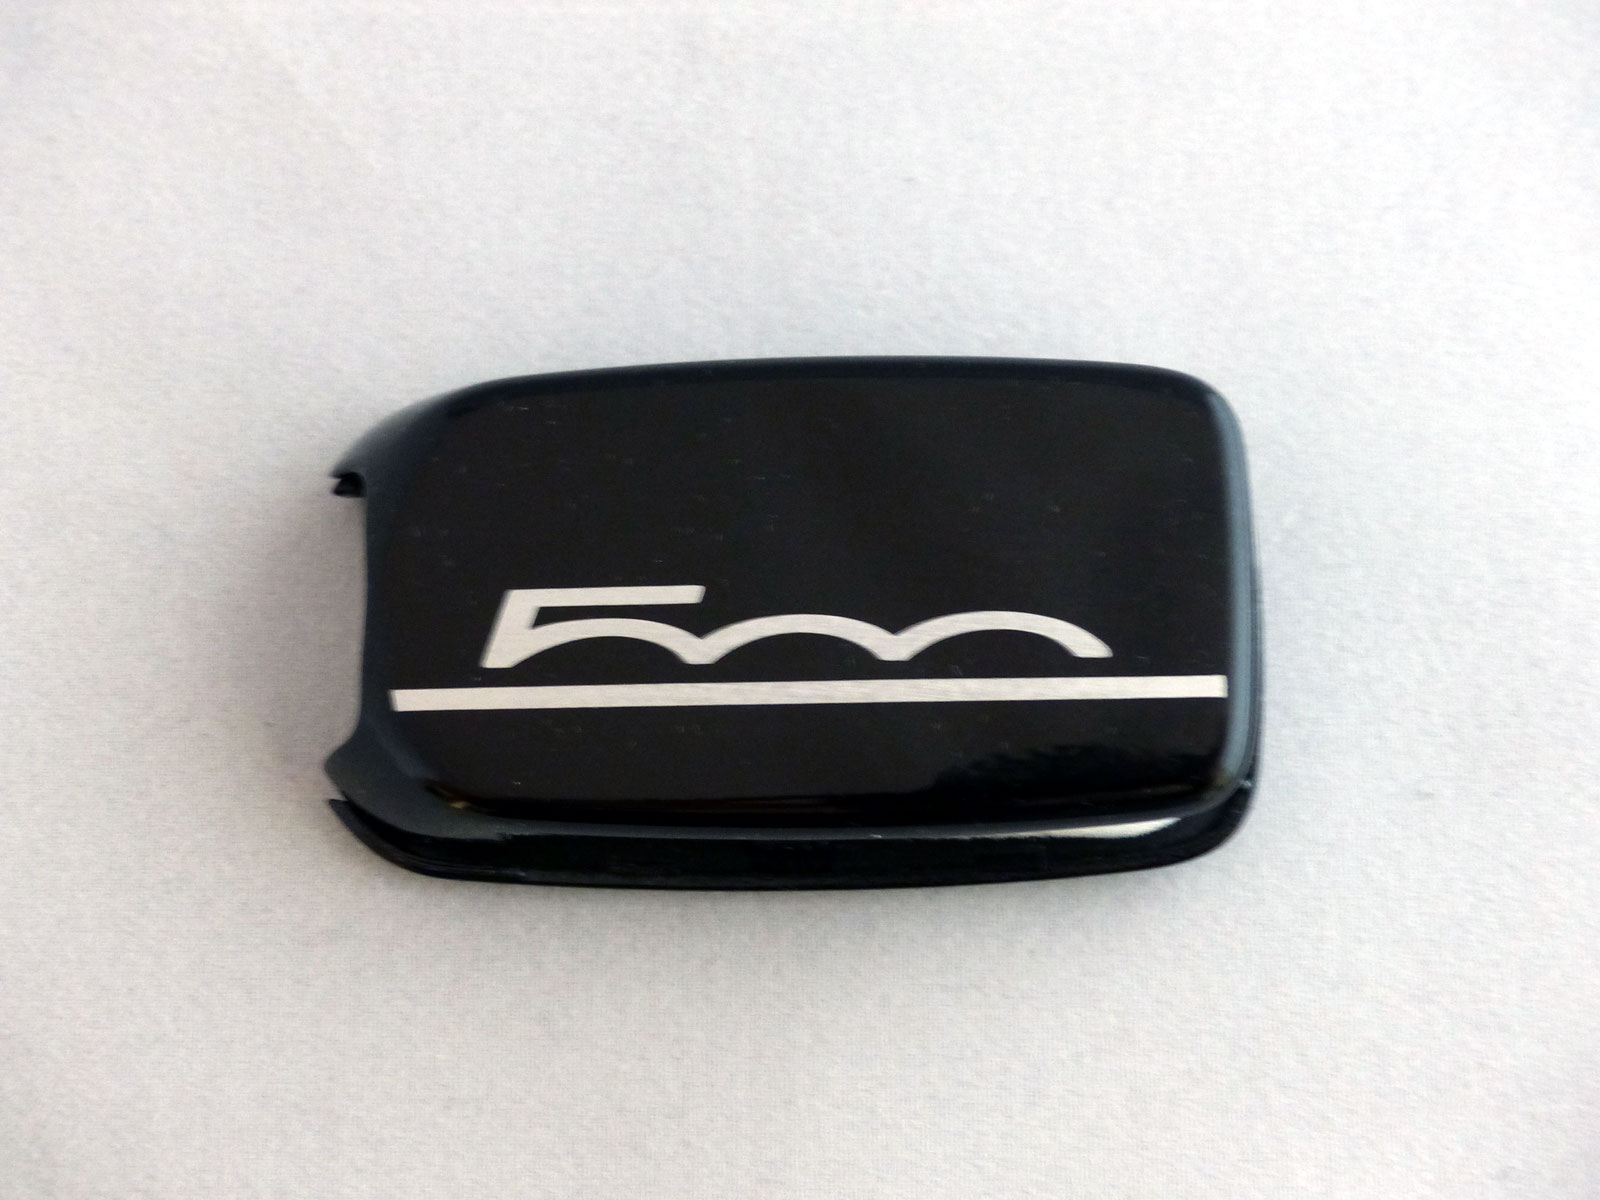 1x Schlüsselschale Schlüsselcover Fiat 500X Aufdruck 500 in schwarz